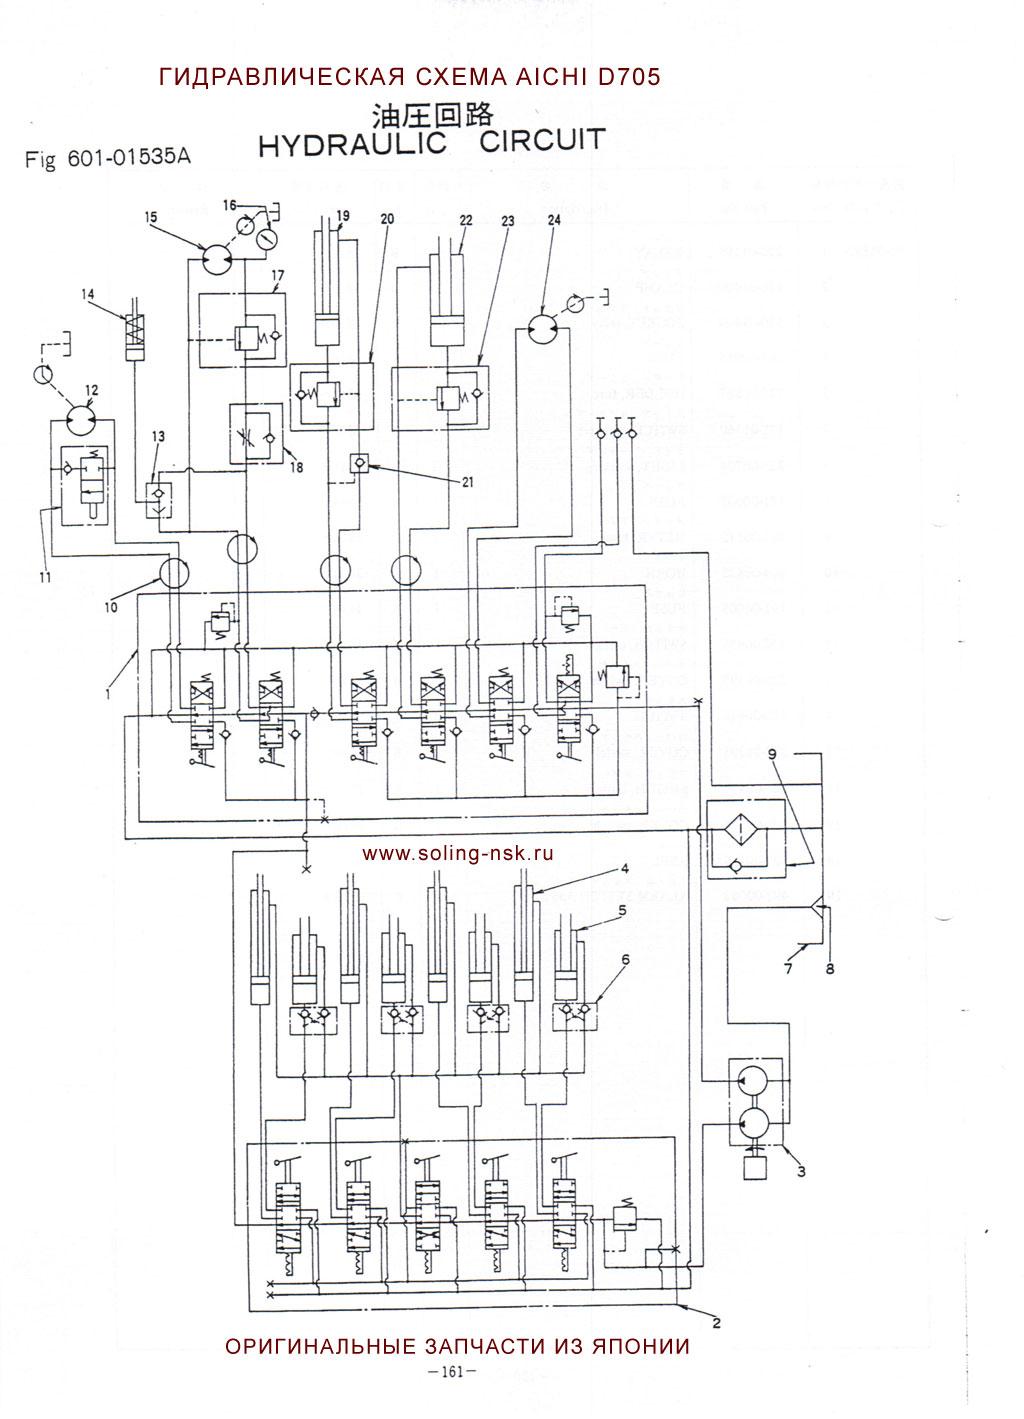 Схема гидравлики като